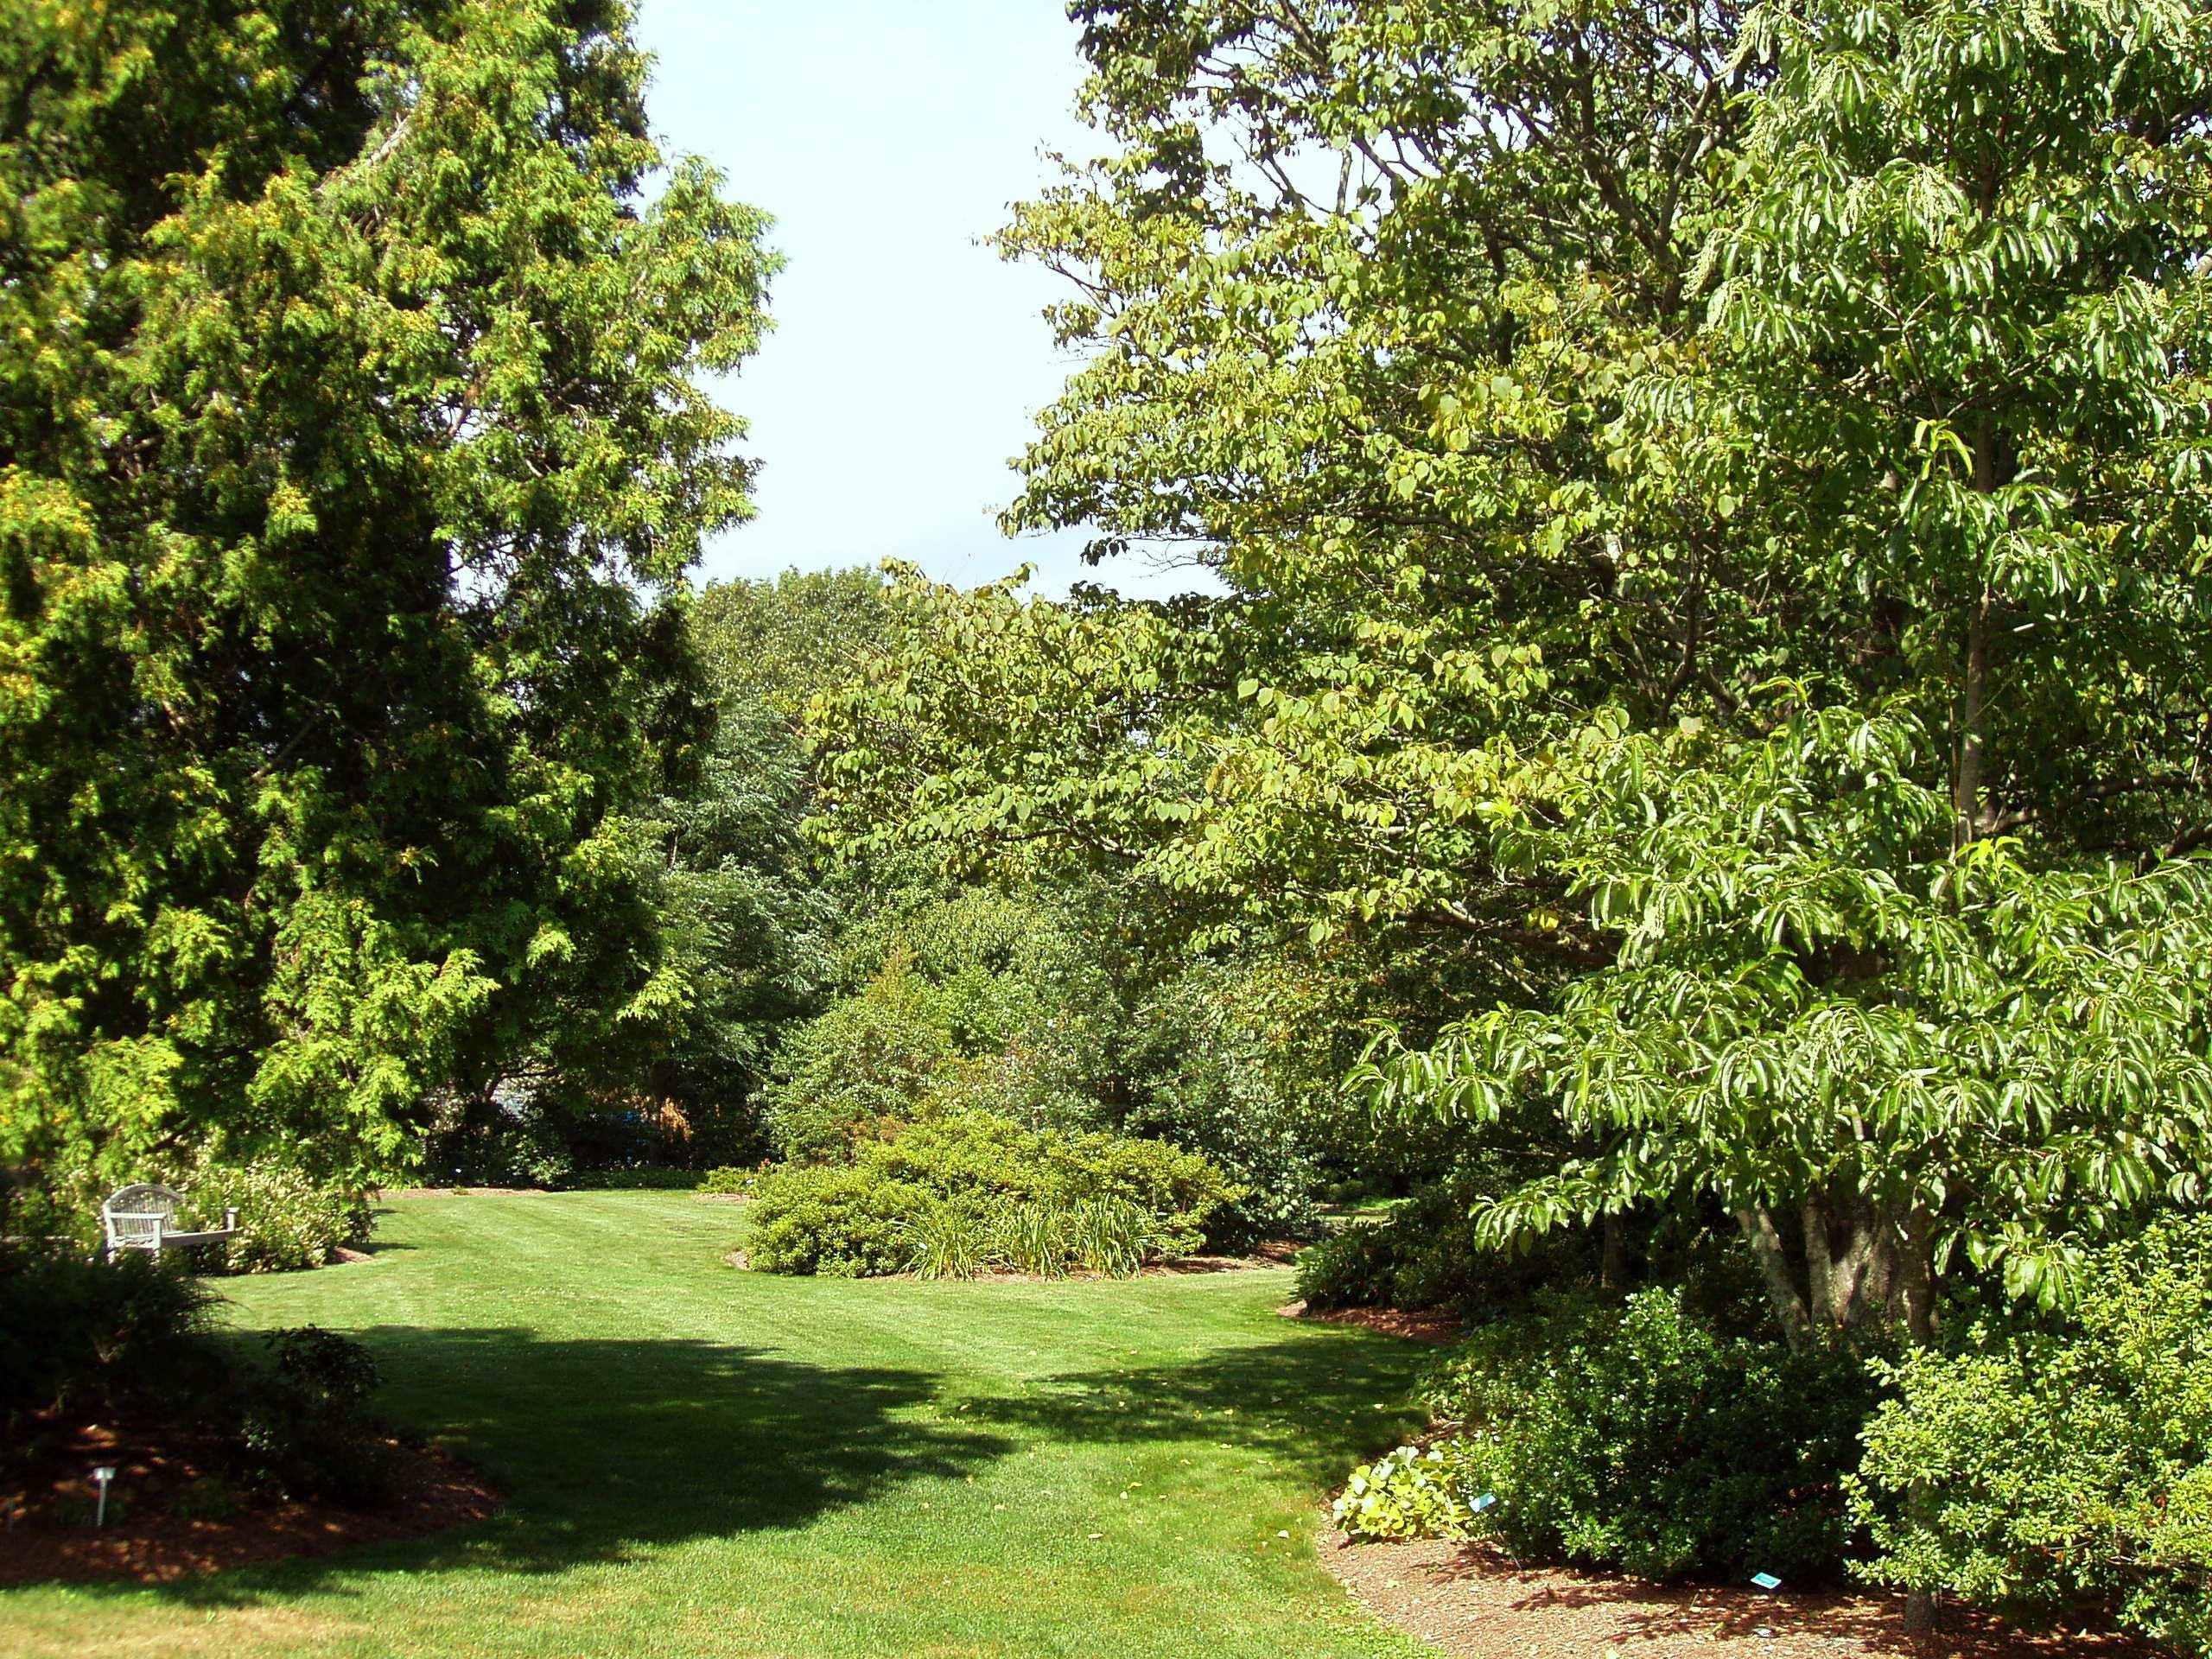 File:URI Botanical Gardens   Kingston, RI.JPG